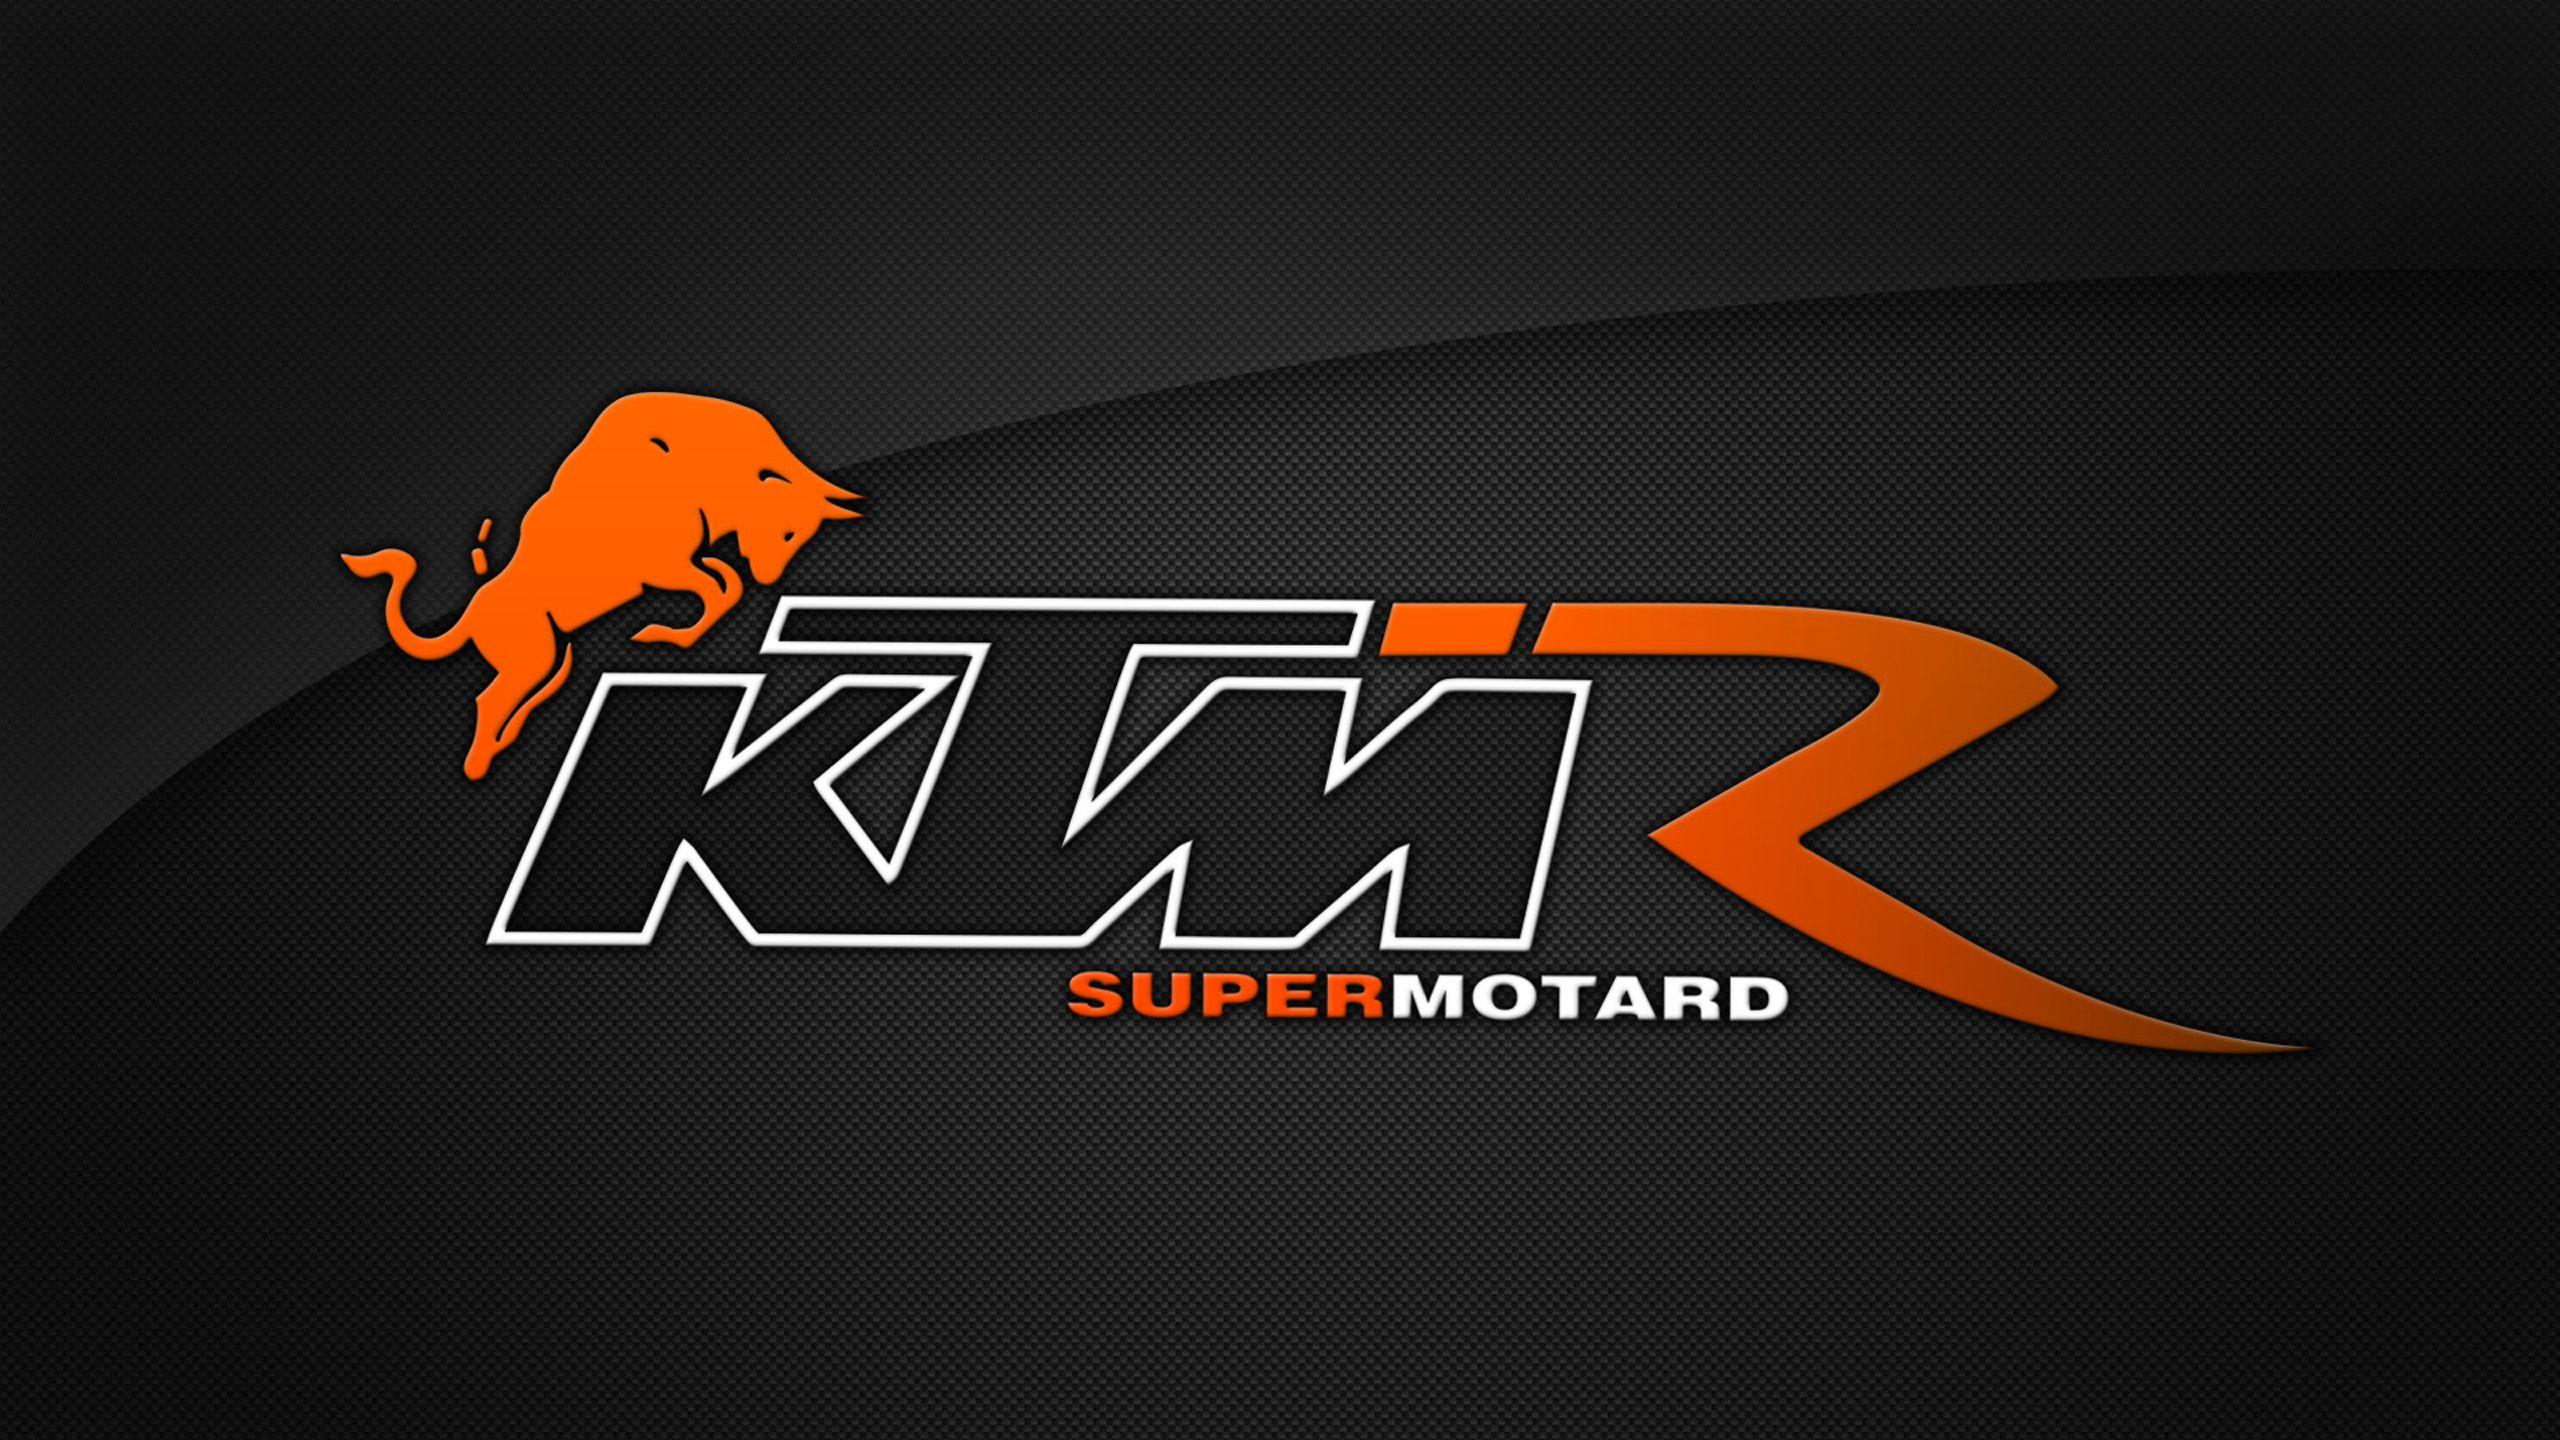 Ktm Logo Wallpaper Ktm Motocross Logo Ktm Supermoto